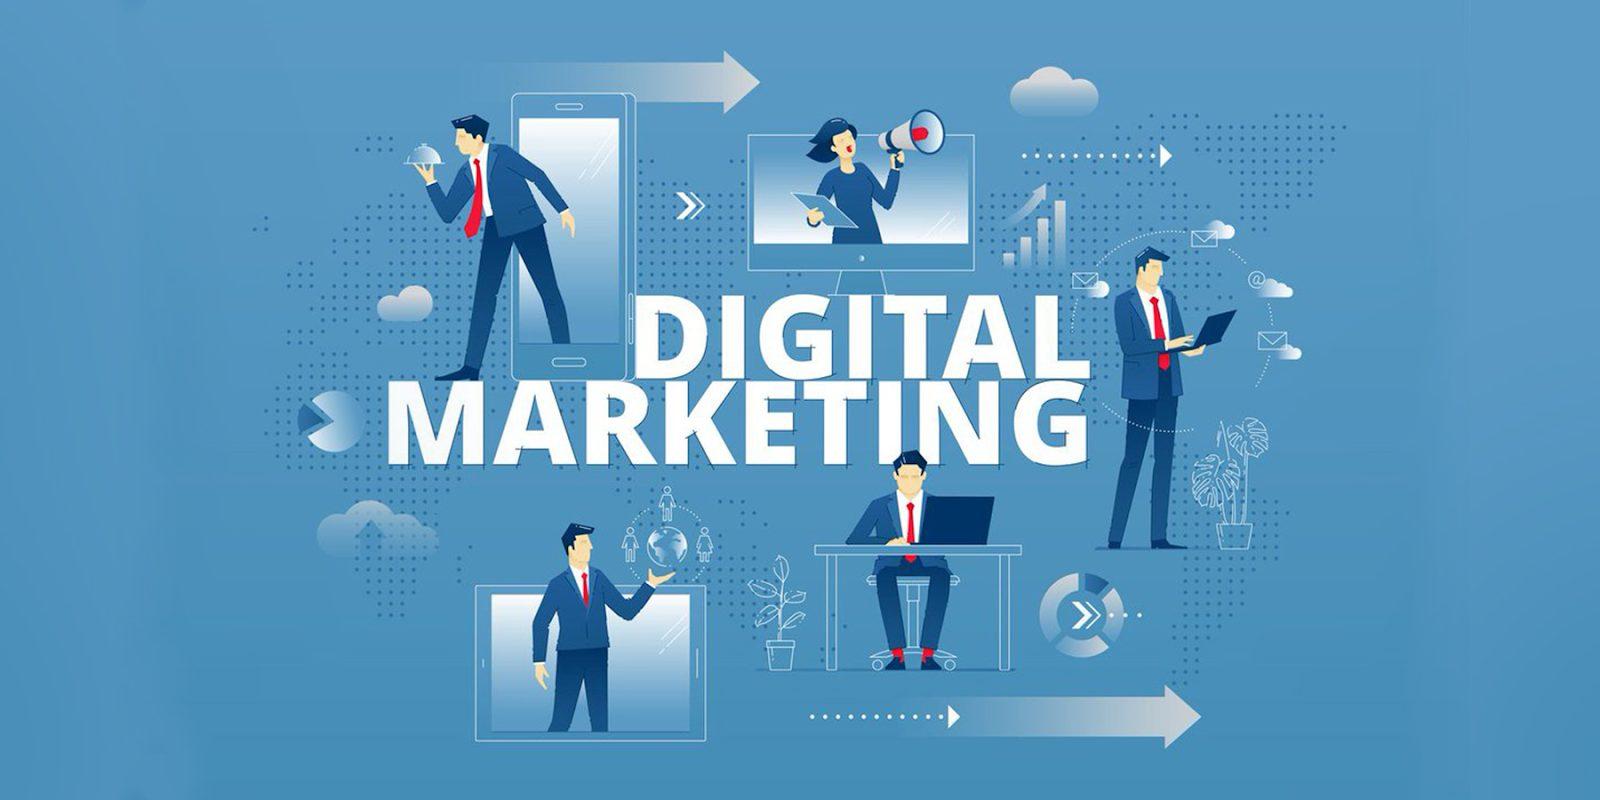 Quảng cáo digital đang xuất hiện ở khắp mọi nơi